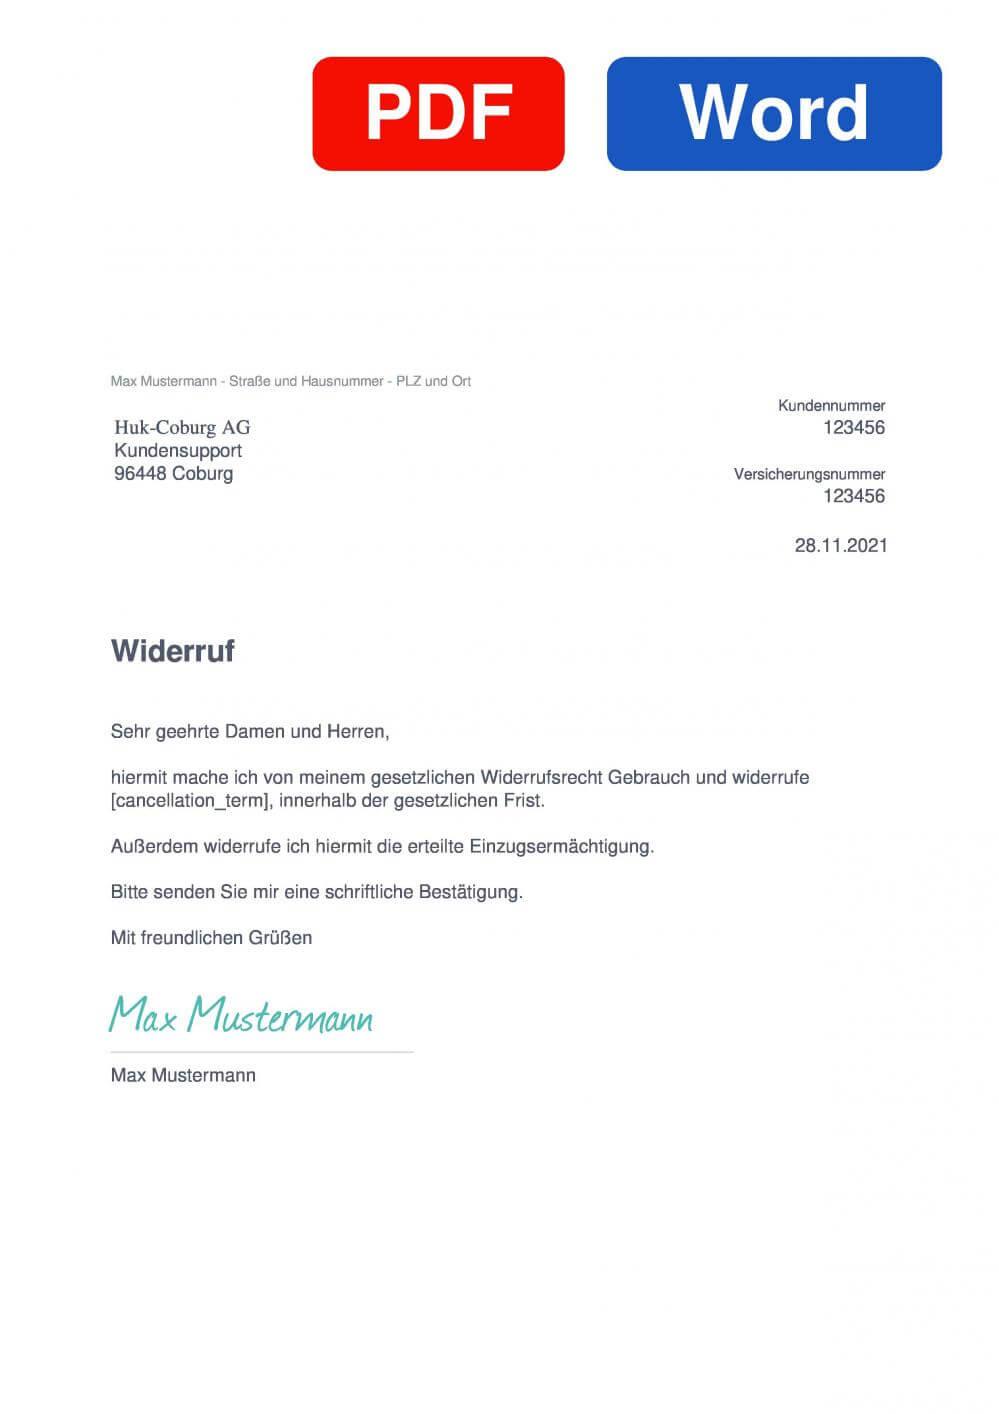 HUK-COBURG Versicherungen Muster Vorlage für Wiederrufsschreiben